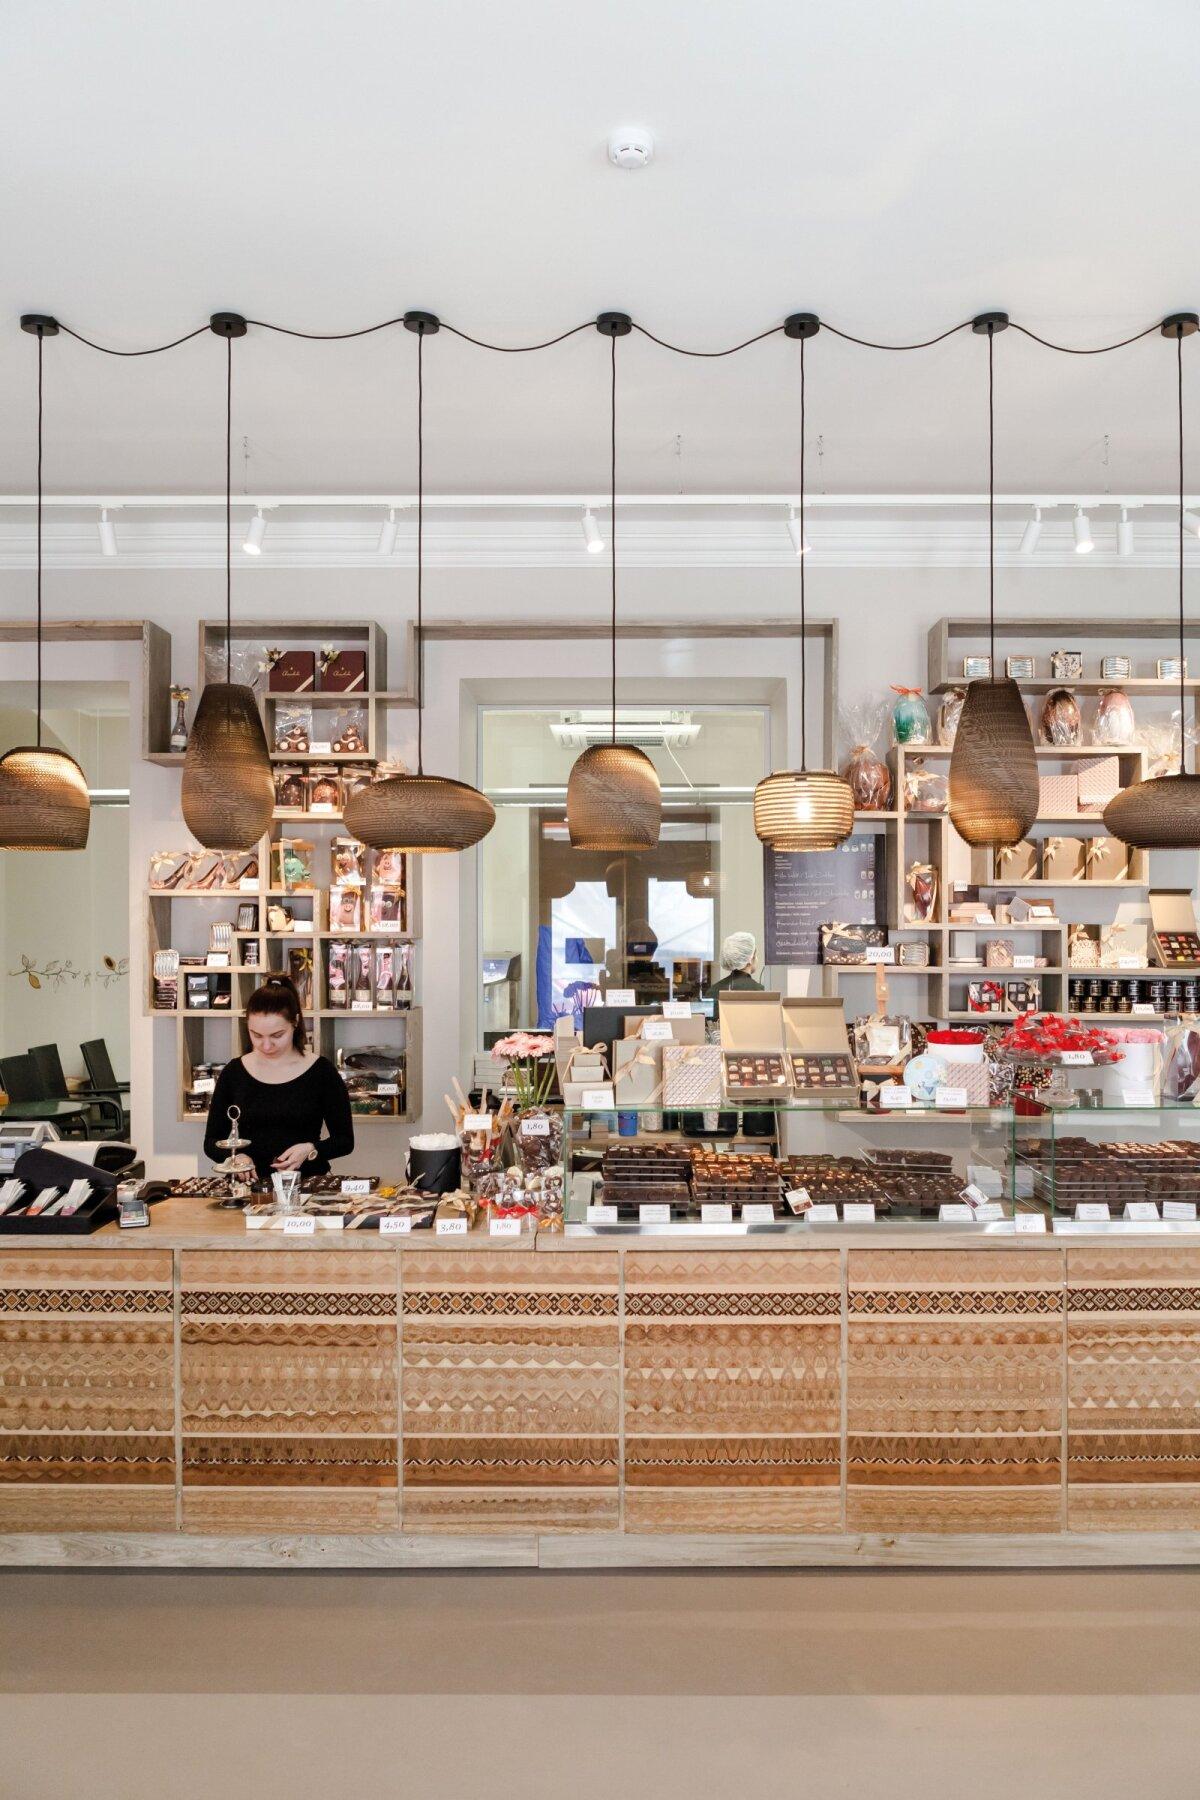 Chocolala pood Tallinna vanalinnas on USA reisiportaali Fodors poolt valitud maailma paremuselt neljandaks šokolaadipoeks.